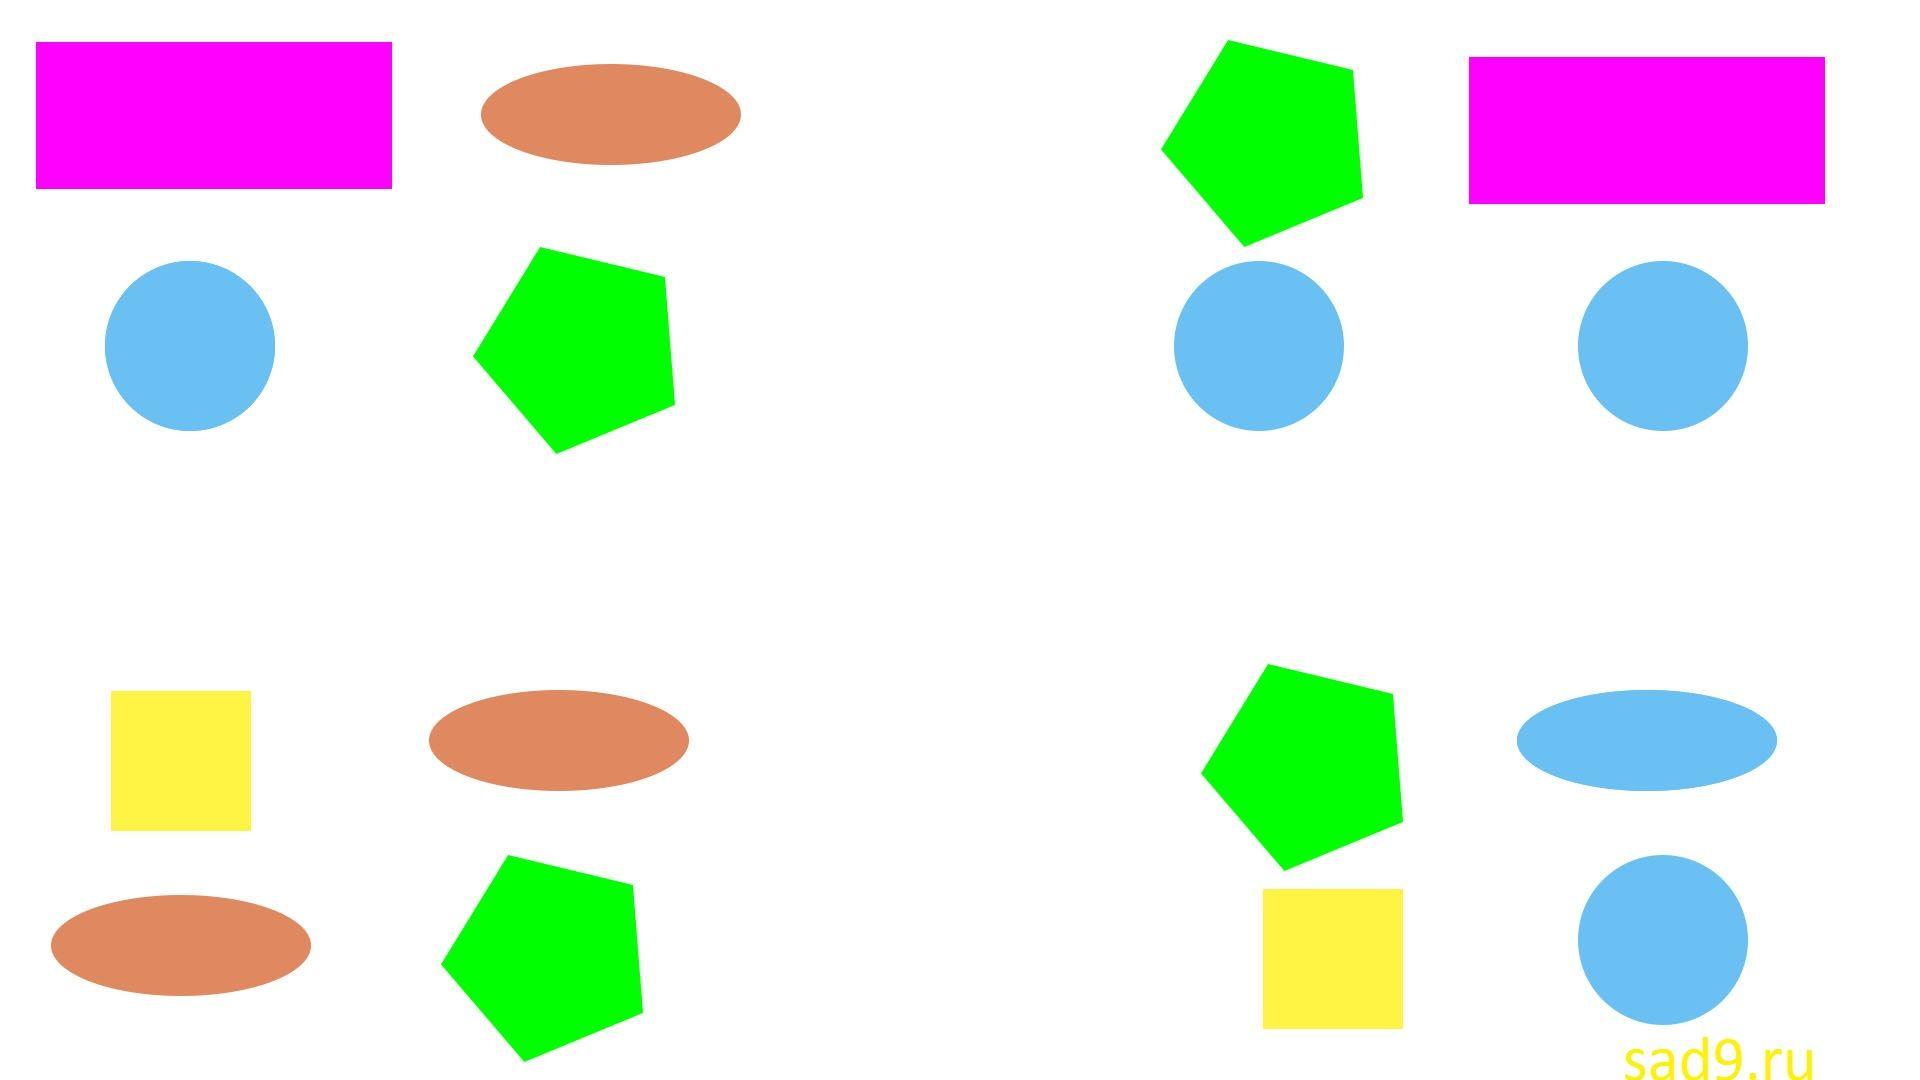 Упражнение - найди одинаковые предметы в каждом квадрате